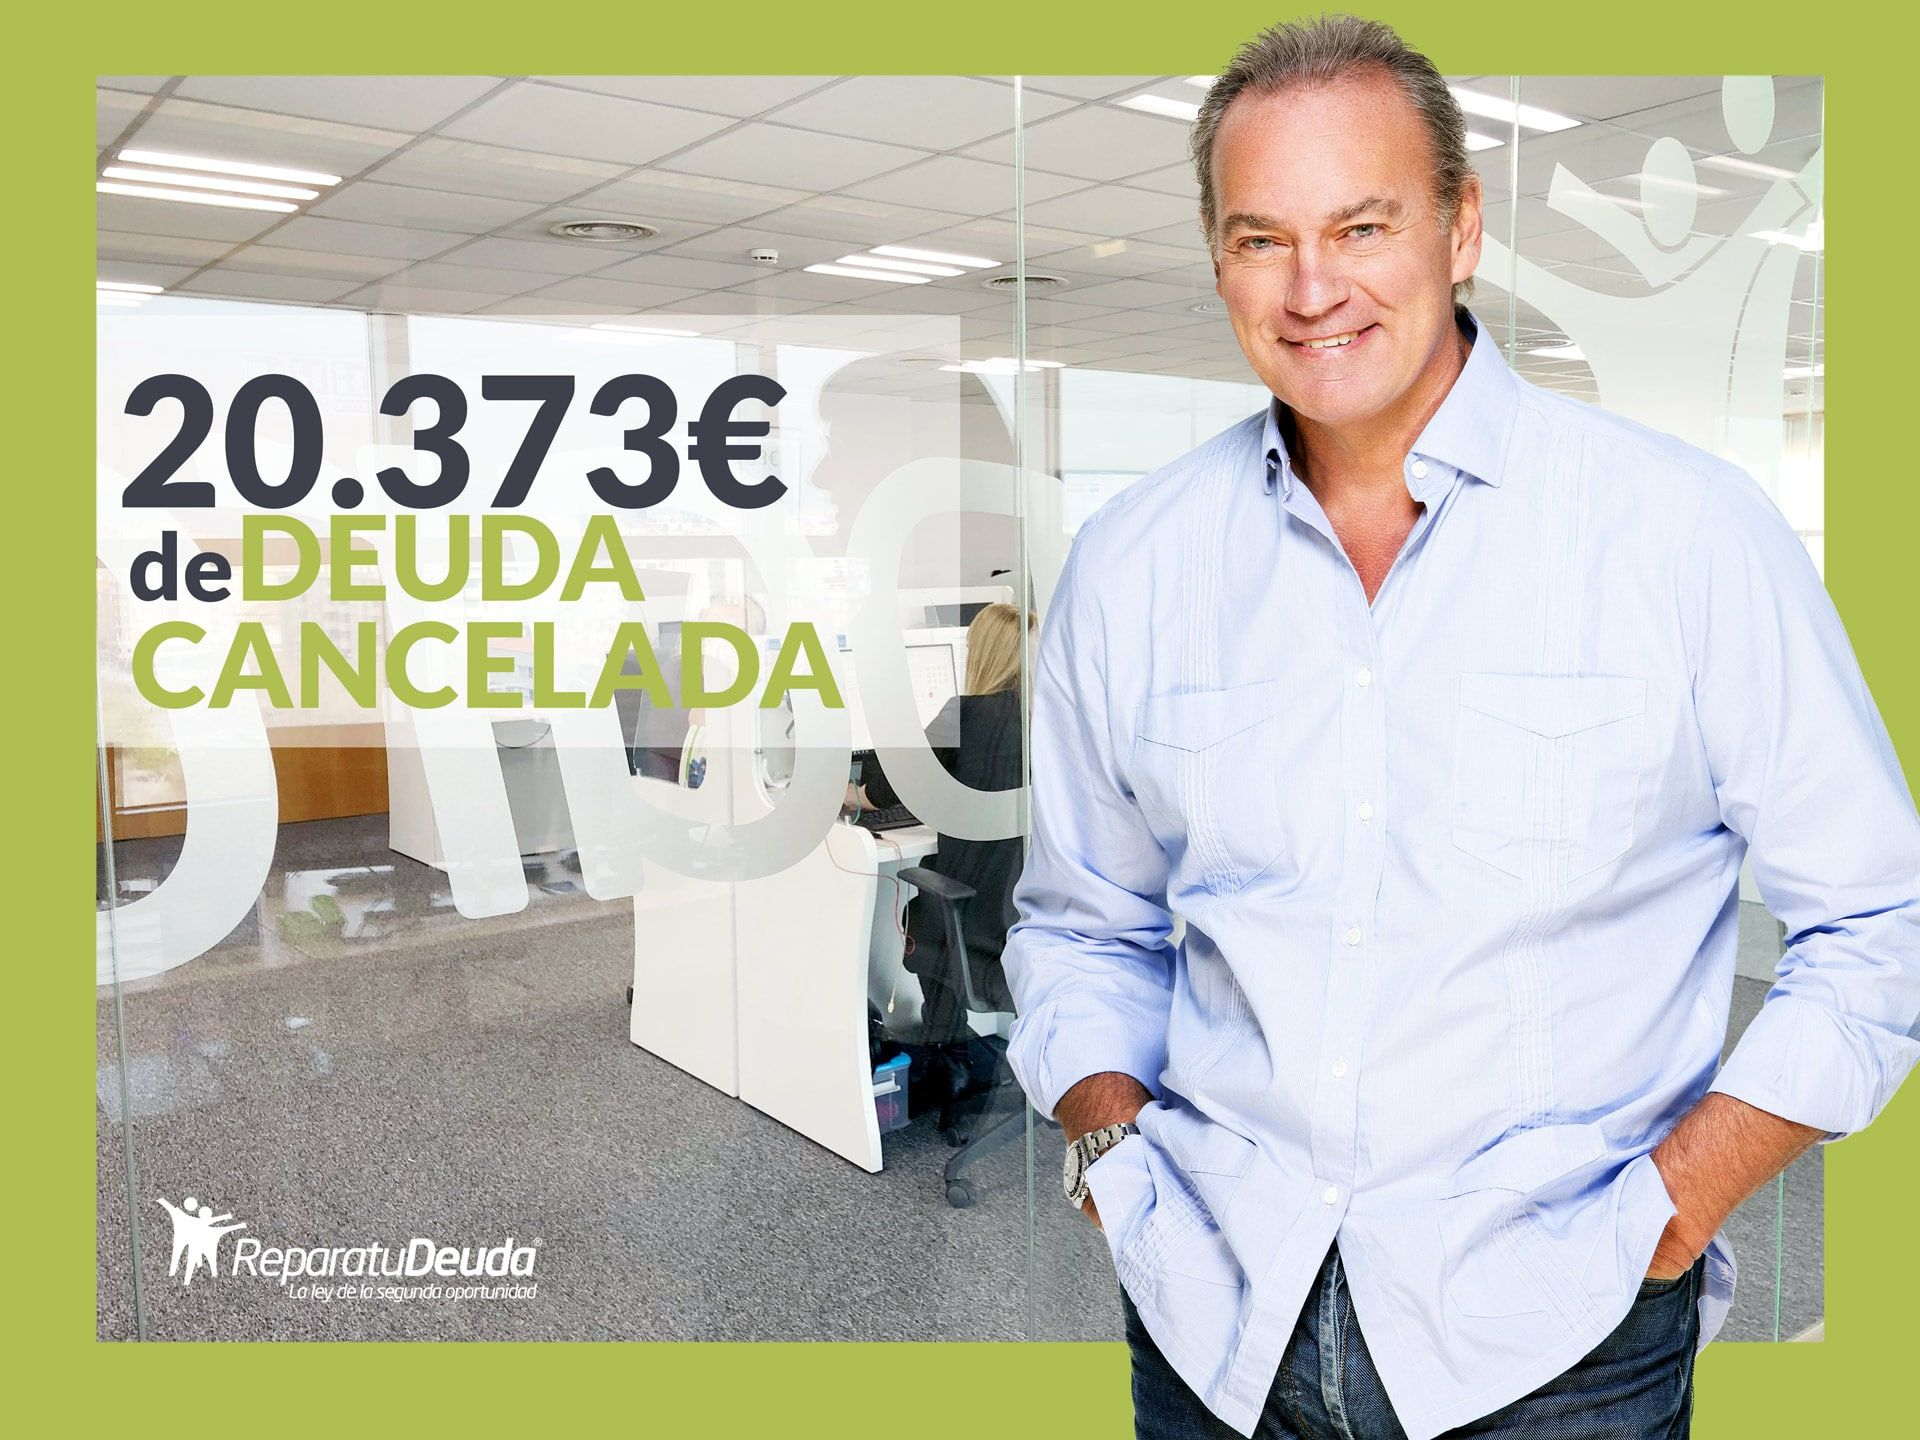 Repara tu Deuda abogados cancela 20.373? en Barcelona con la Ley de Segunda Oportunidad